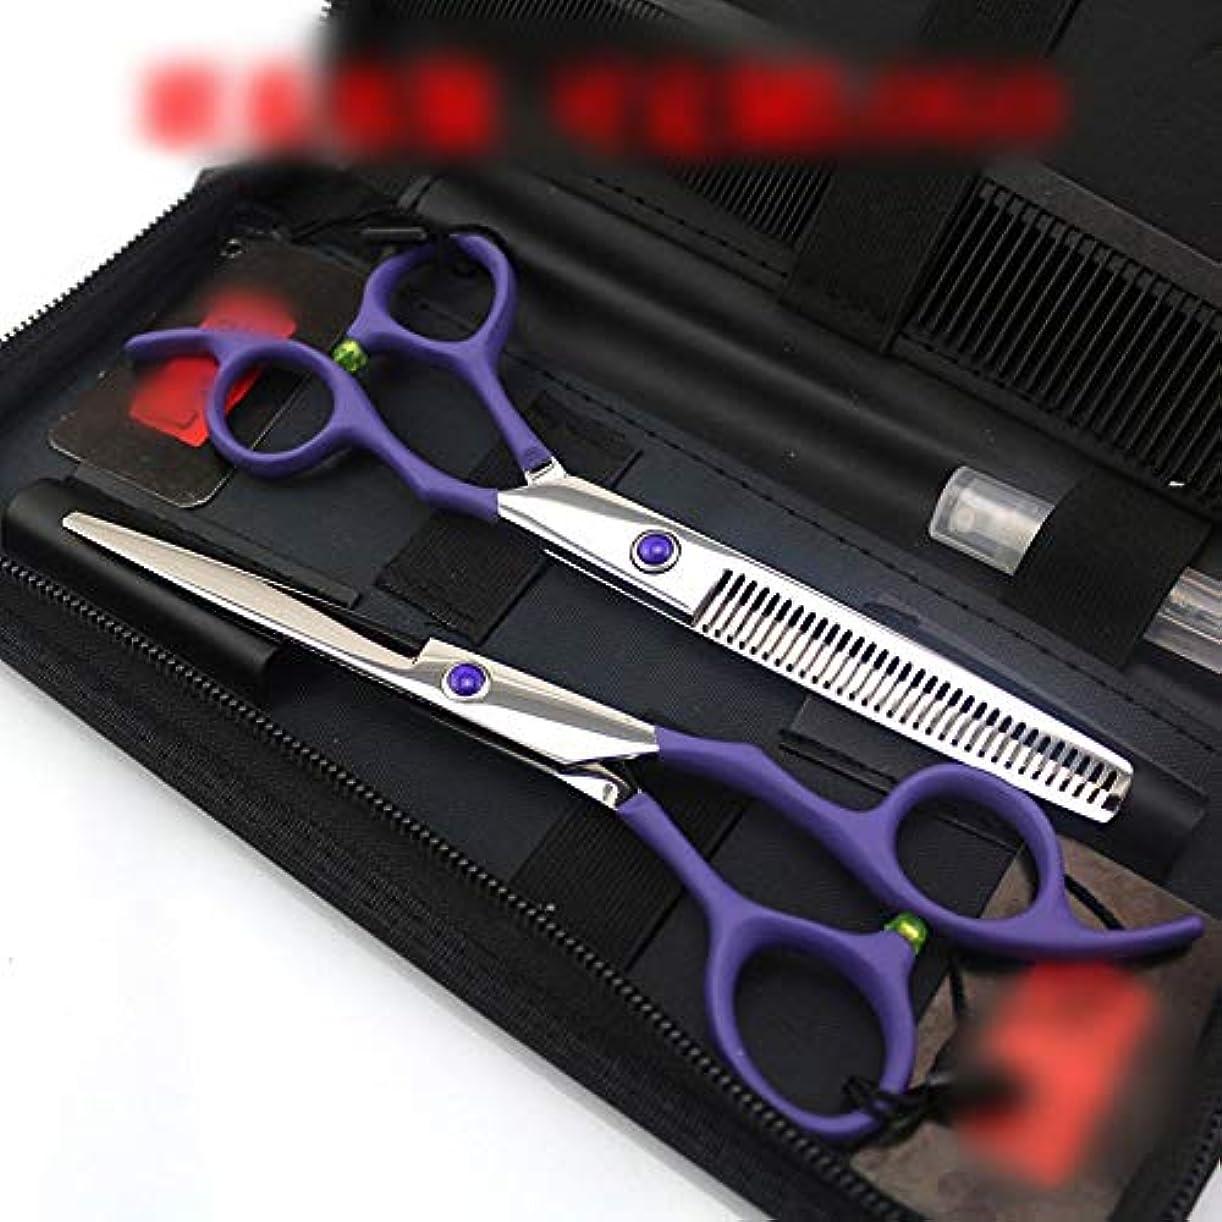 勝利キリスト教召喚する6.0インチの紫色の専門の理髪はさみ、平はさみ+歯のせん断の美容院はさみ理髪道具セット モデリングツール (色 : 紫の)